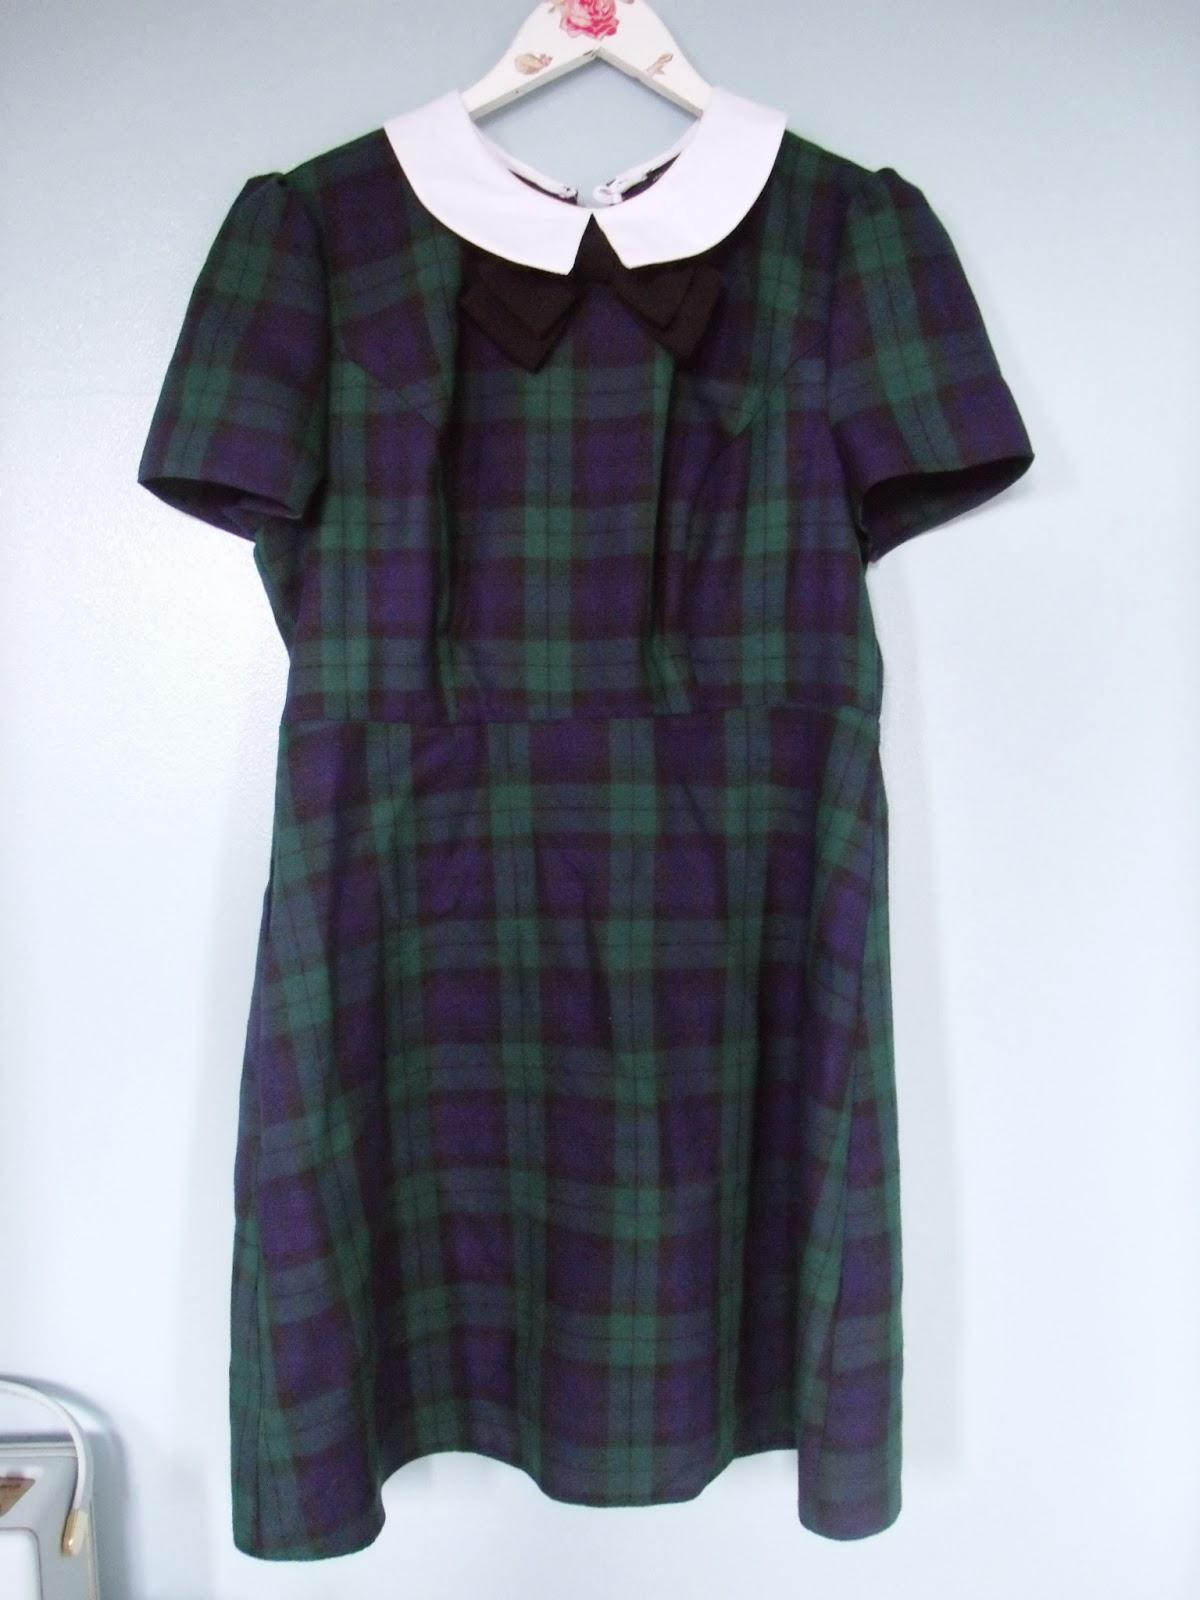 98c84edbf984 Primark Haul - November - Part 2 - Dresses & Skirts ♥ | Victoria's ...